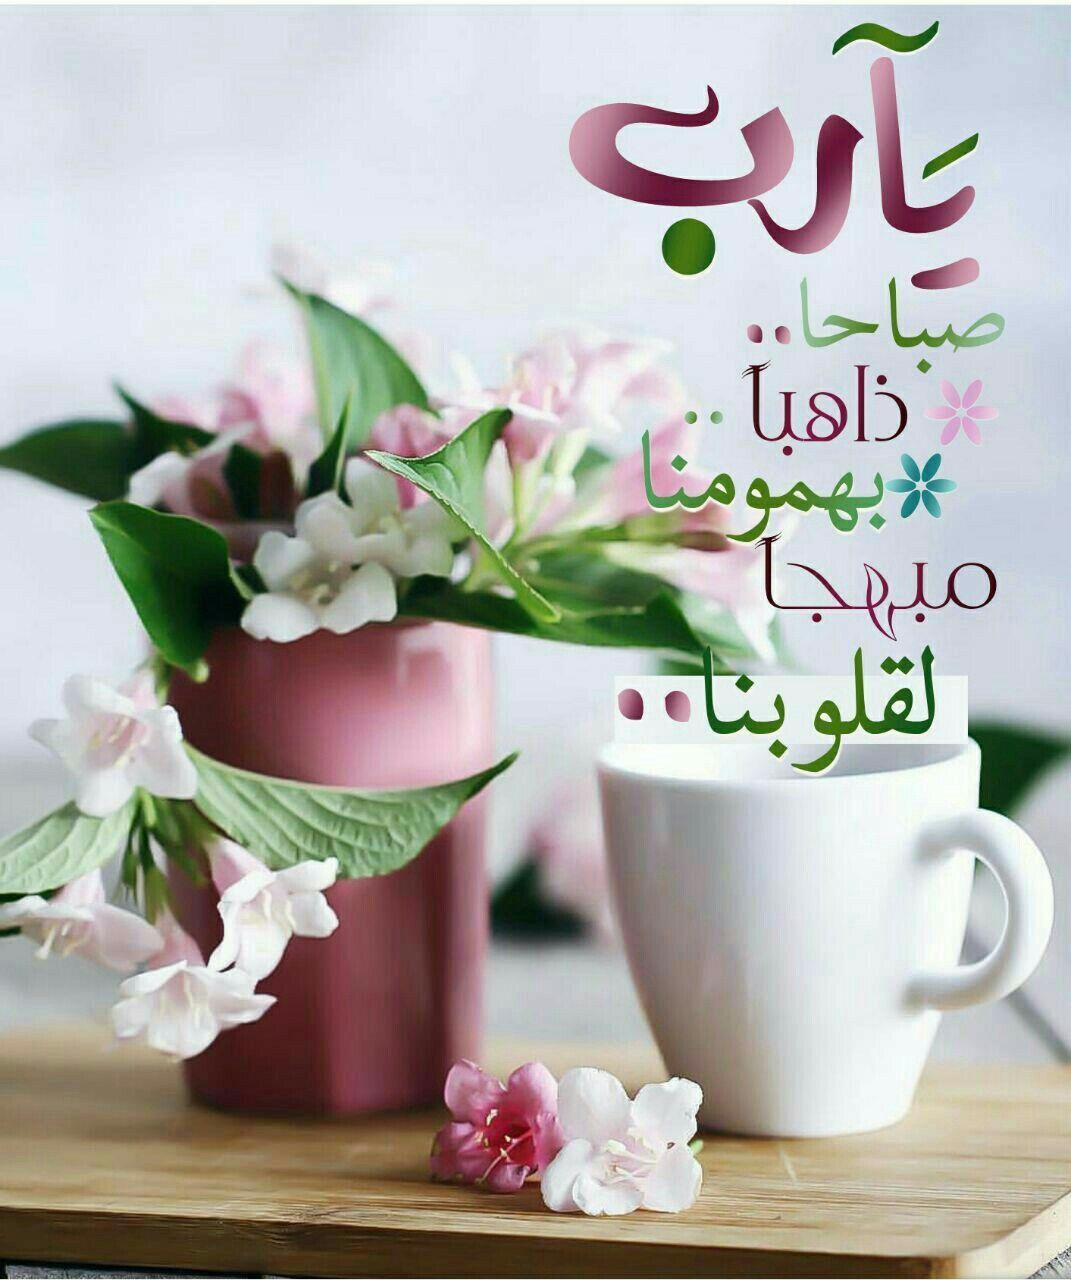 صورة صباح الحب والجمال , كلمات صباحيه في قمه الجمال